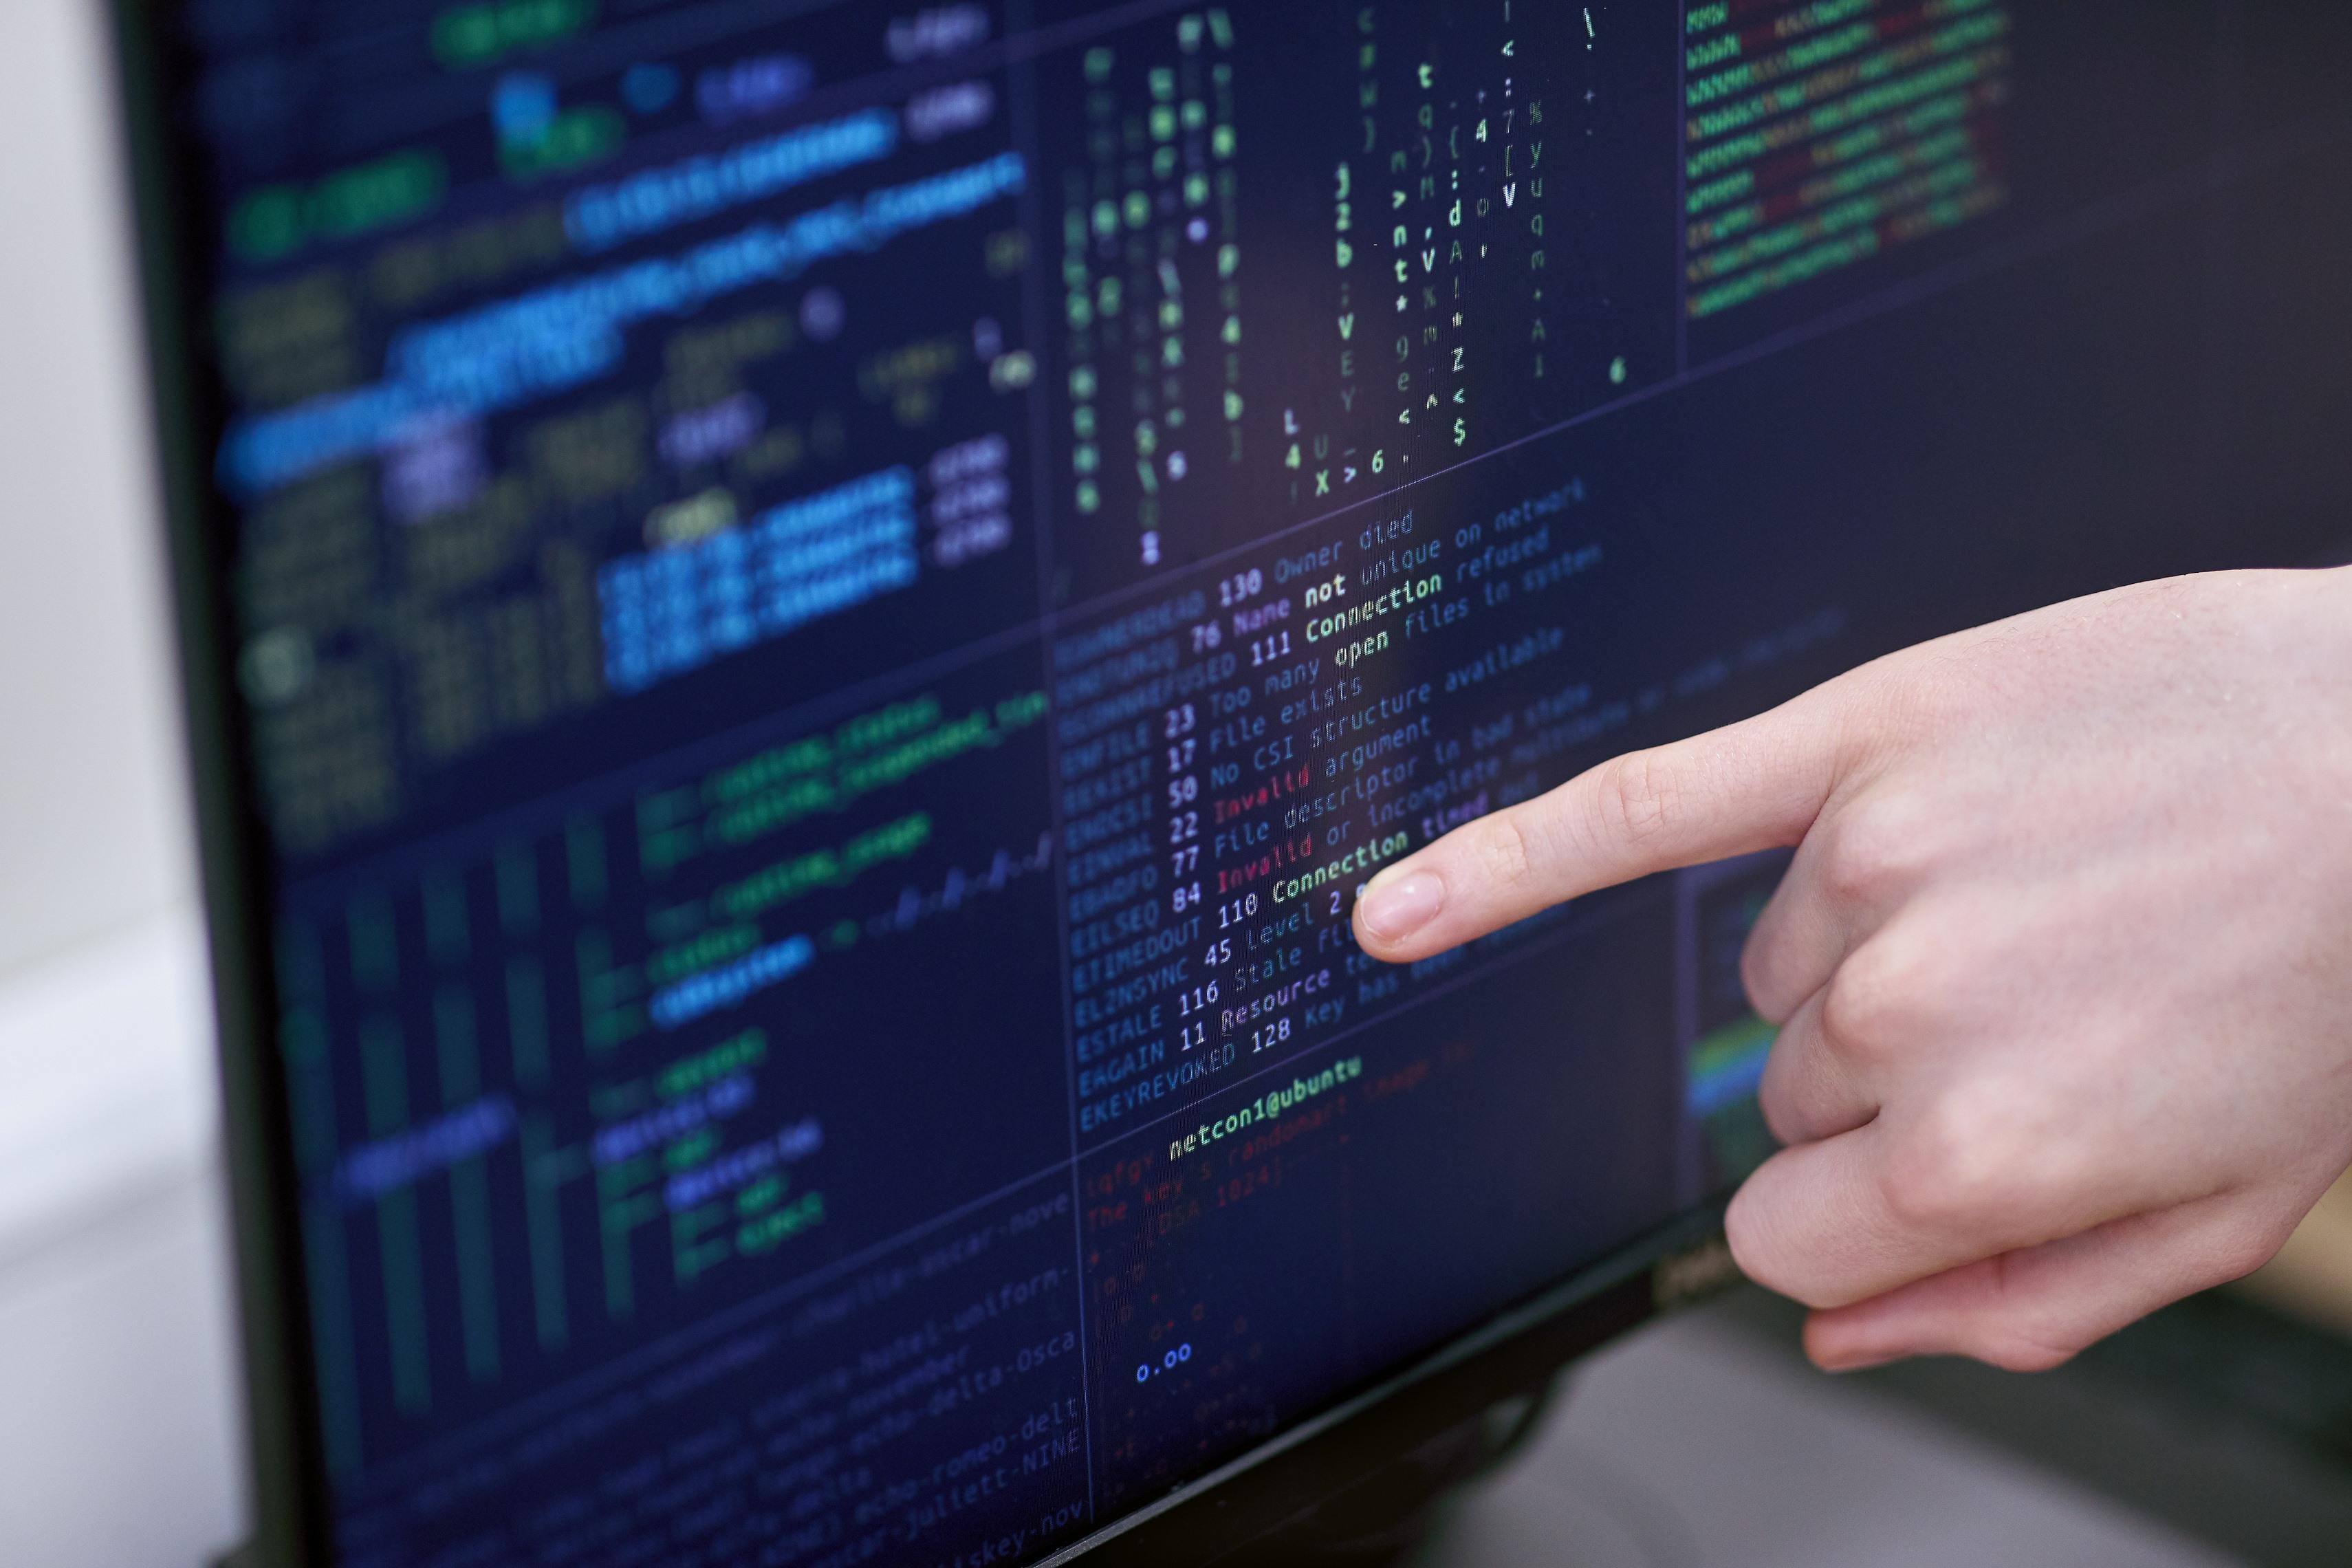 Cyber Security Desktop Screen